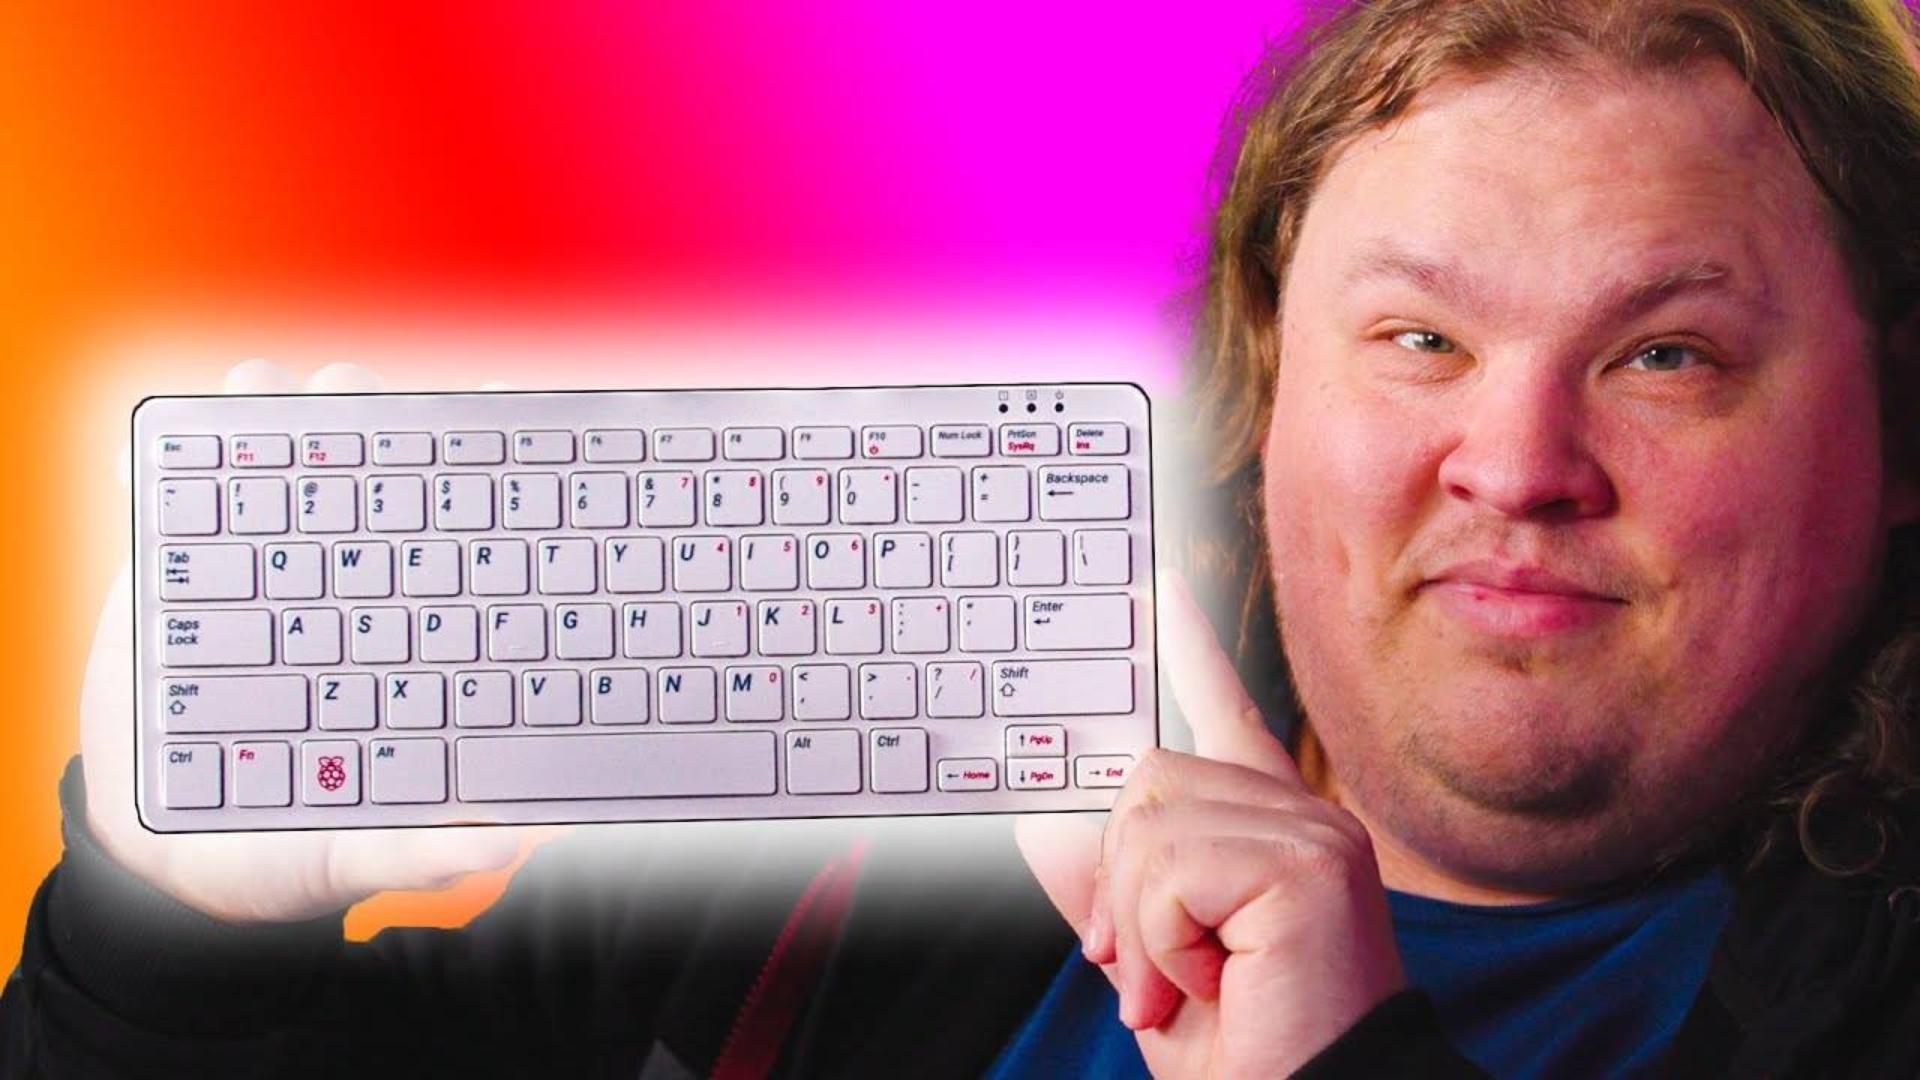 【官方双语】这键盘居然是台电脑 还只要100刀 - 树莓派400开箱 #科技过电